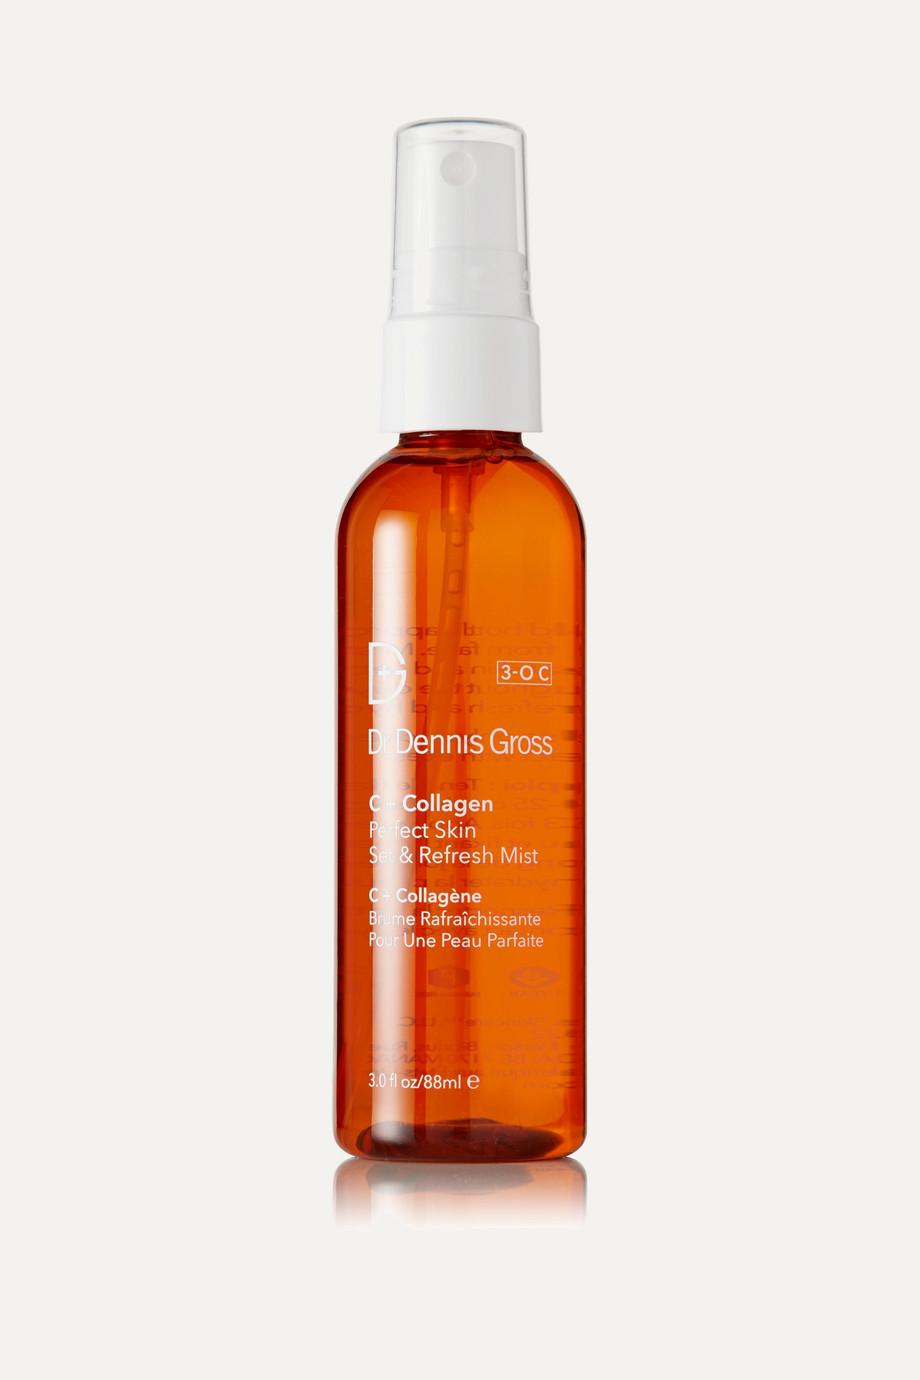 Dr. Dennis Gross Skincare C + Collagen Perfect Skin Set & Refresh Mist, 88 ml – Gesichtsspray